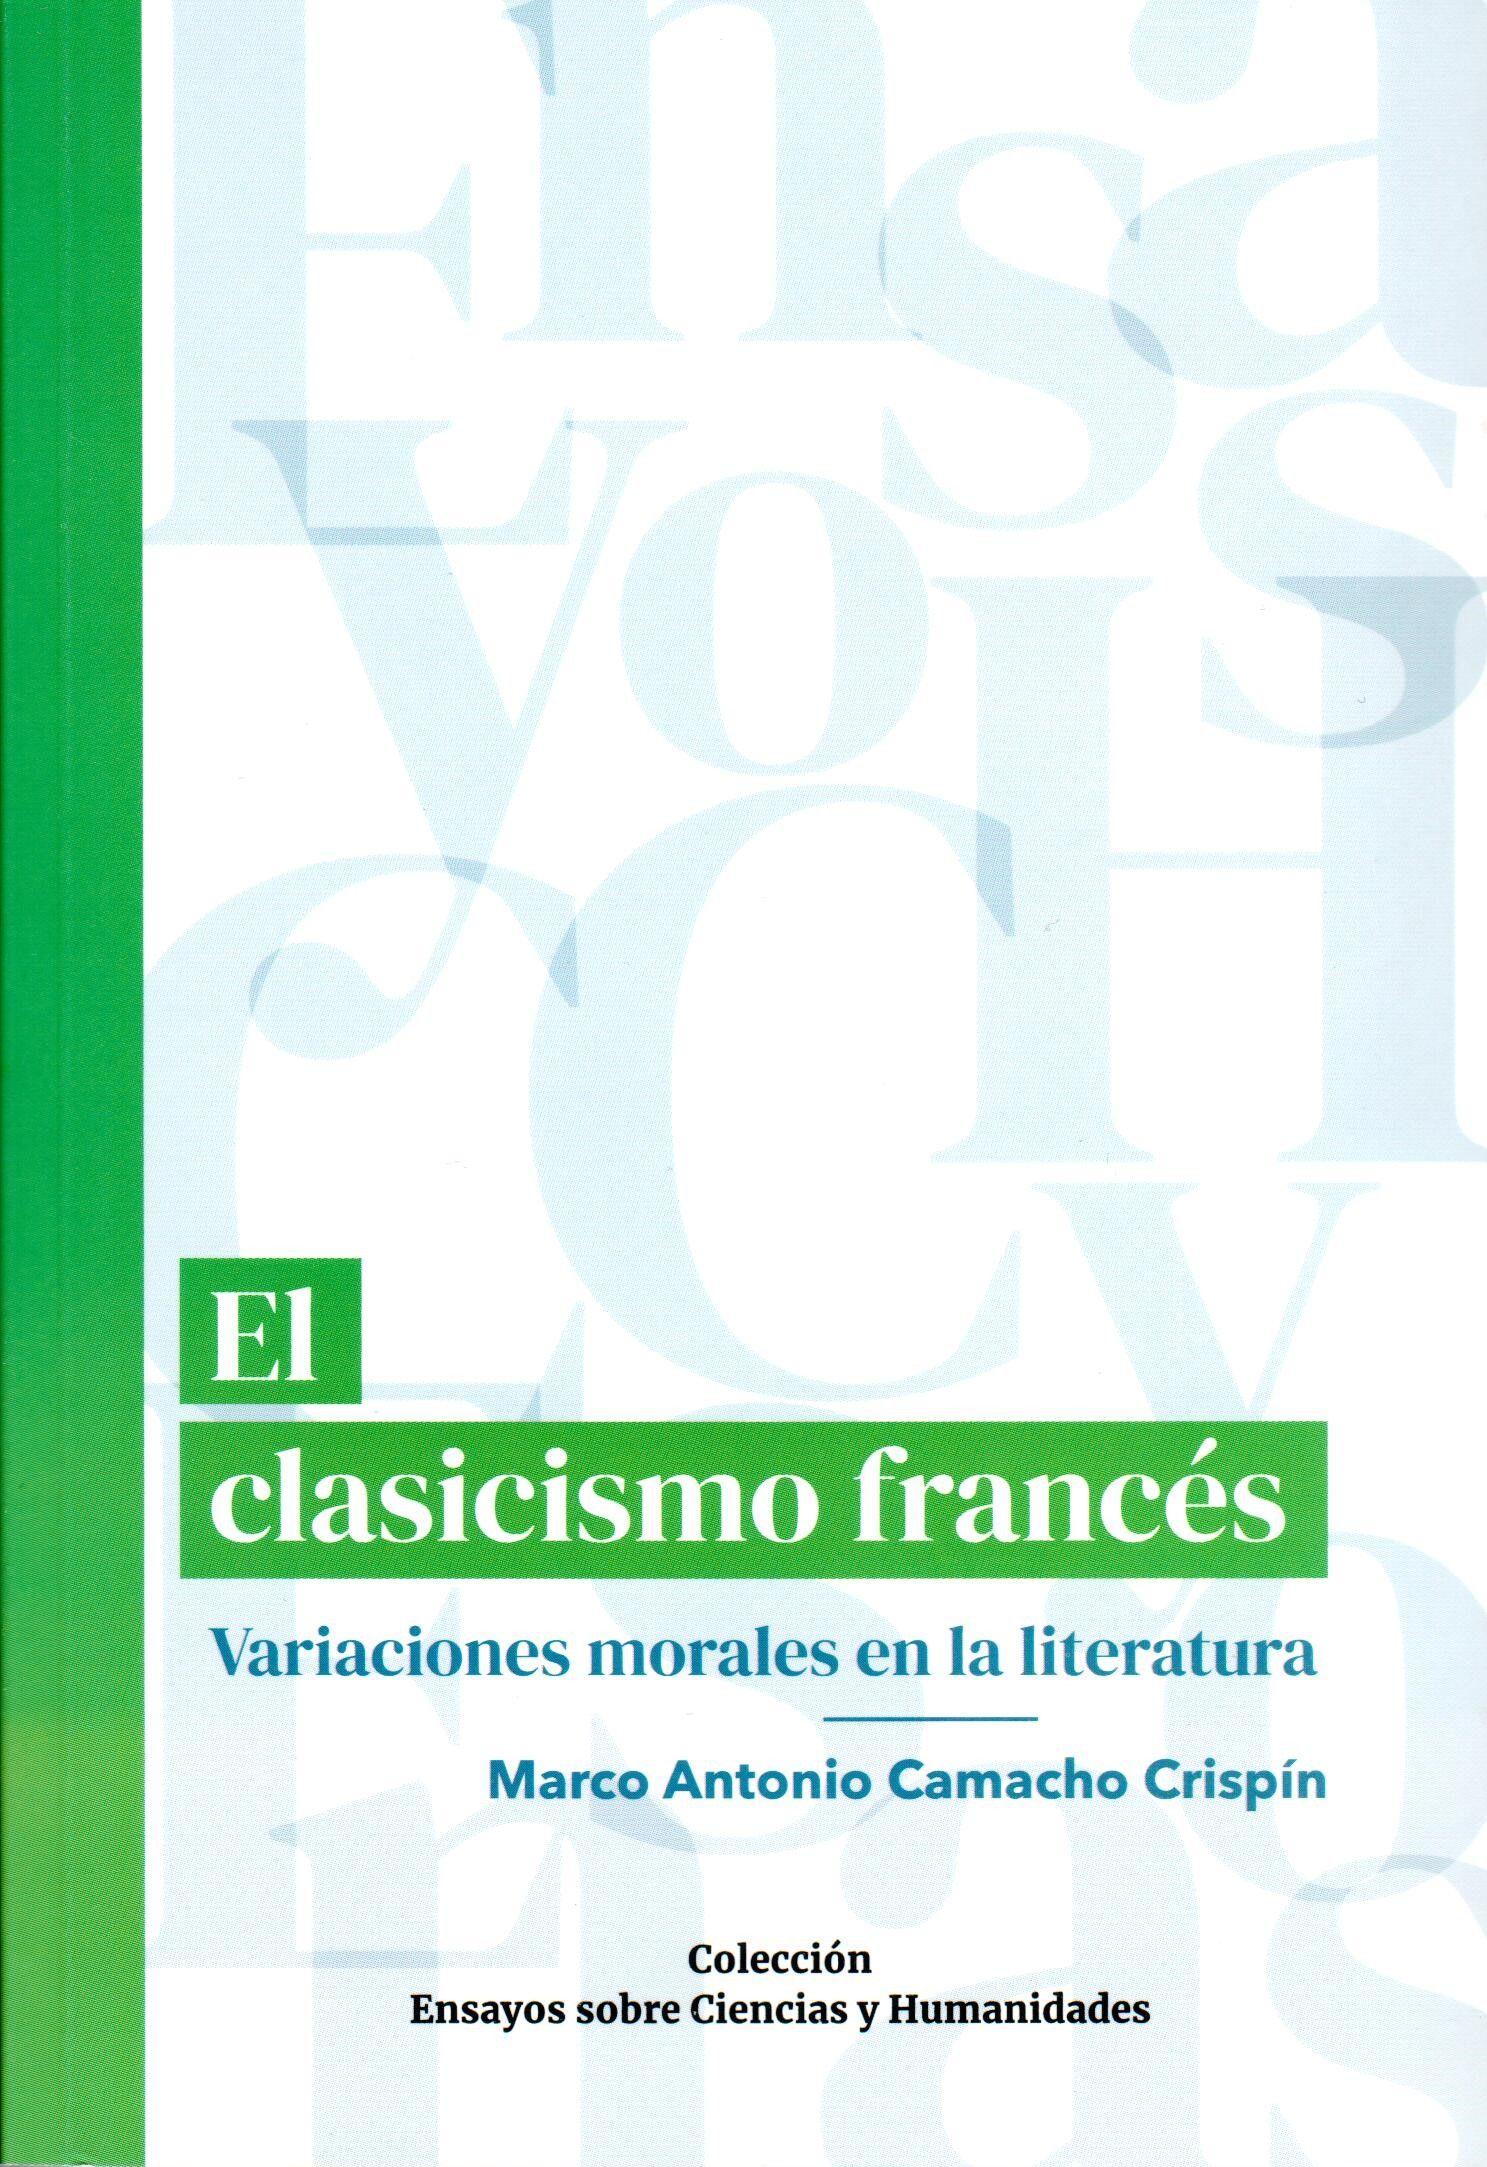 El clasicismo francés Variaciones morales en la literatura